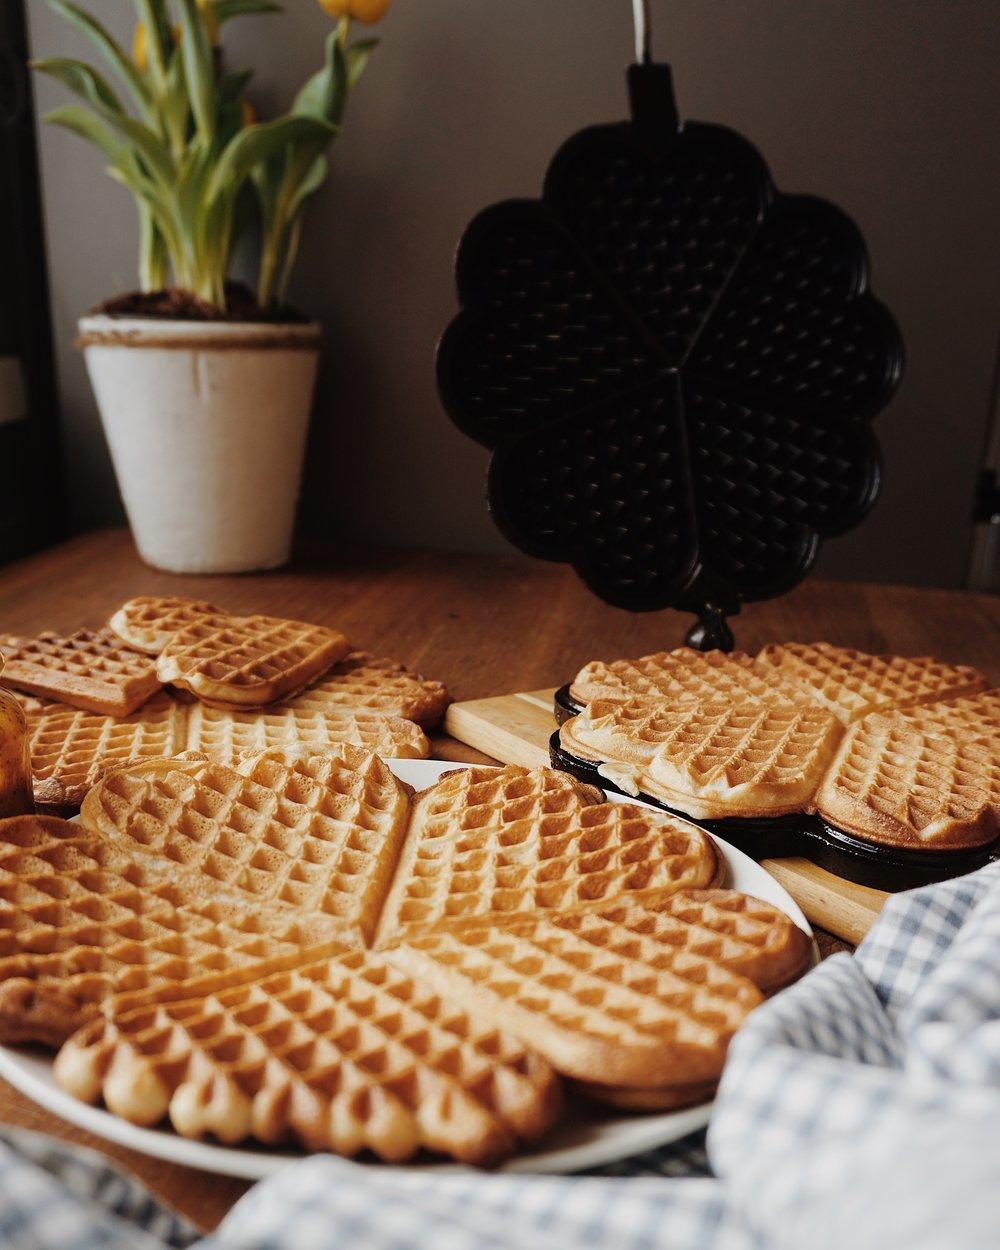 mūsu brokastu vafeles - zinu, zinu, solīju, solīju, te arī pasniedzu - siltas, mīkstas, bet ārpusē kraukšķīgas biezās brokastu vafeles. labrīt, labdien, labvakar, garšo burvīgi visos laikos un visās mājās.